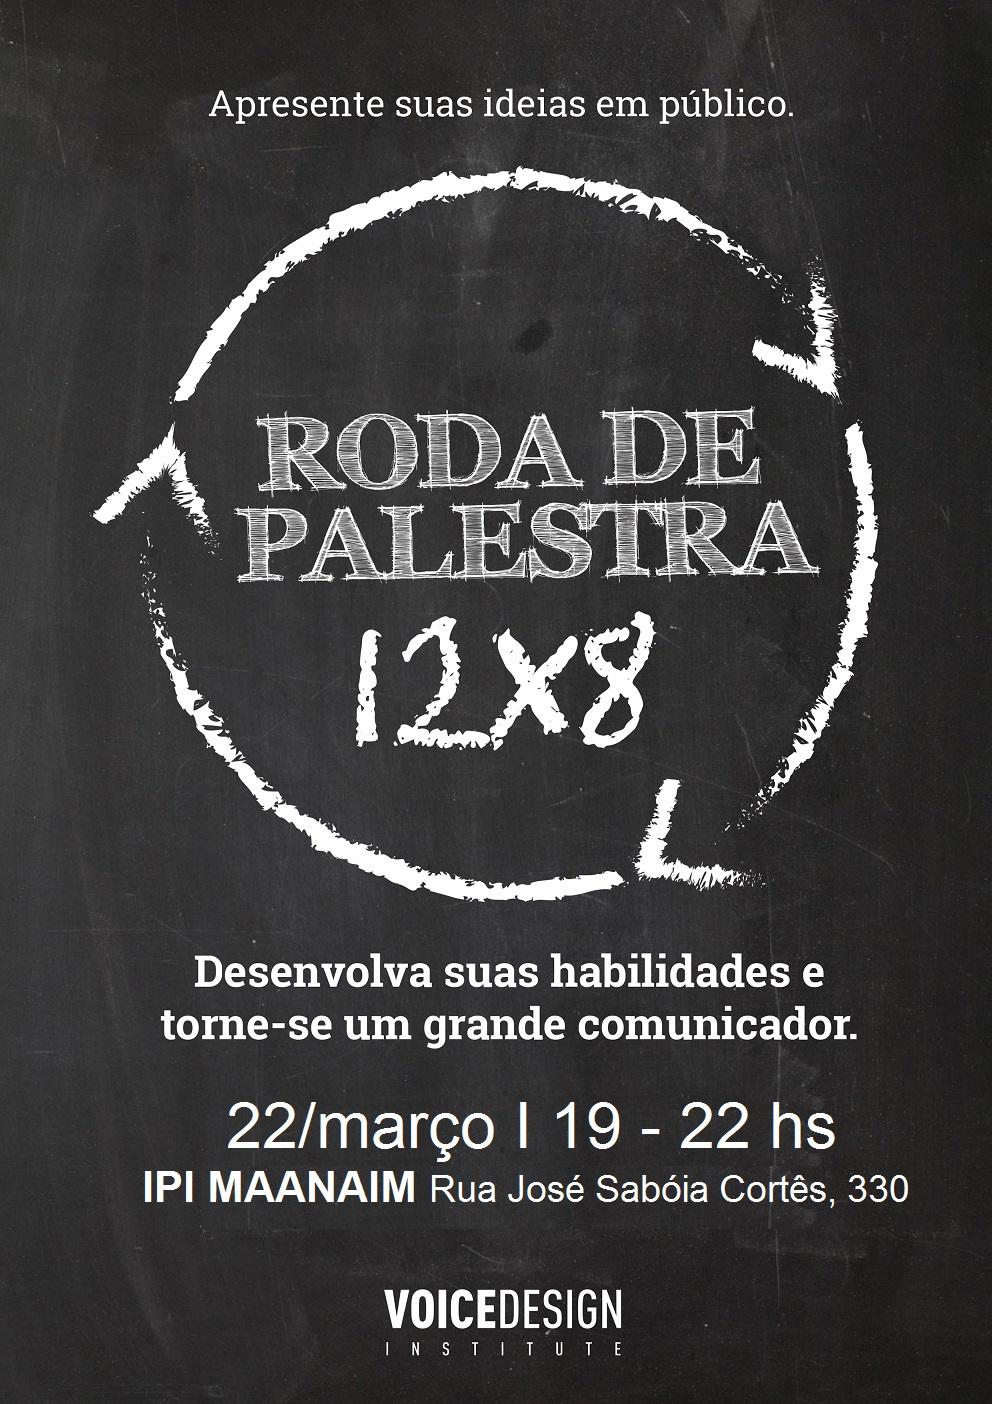 roda_de_palestra03 (40)